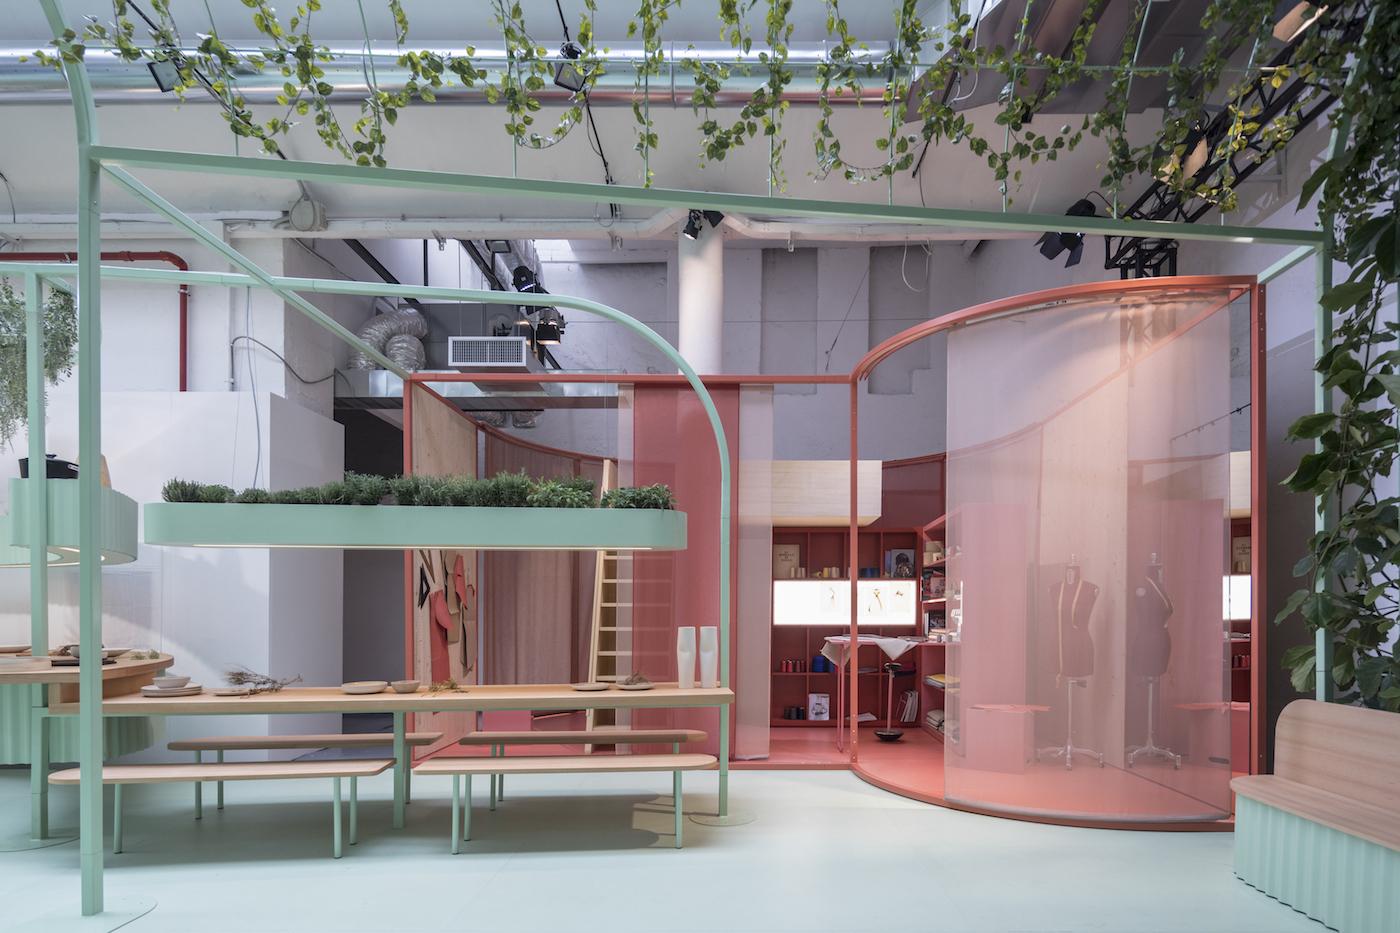 MINI zeigt visionäres Wohnkonzept zur Designweek in Mailand 3